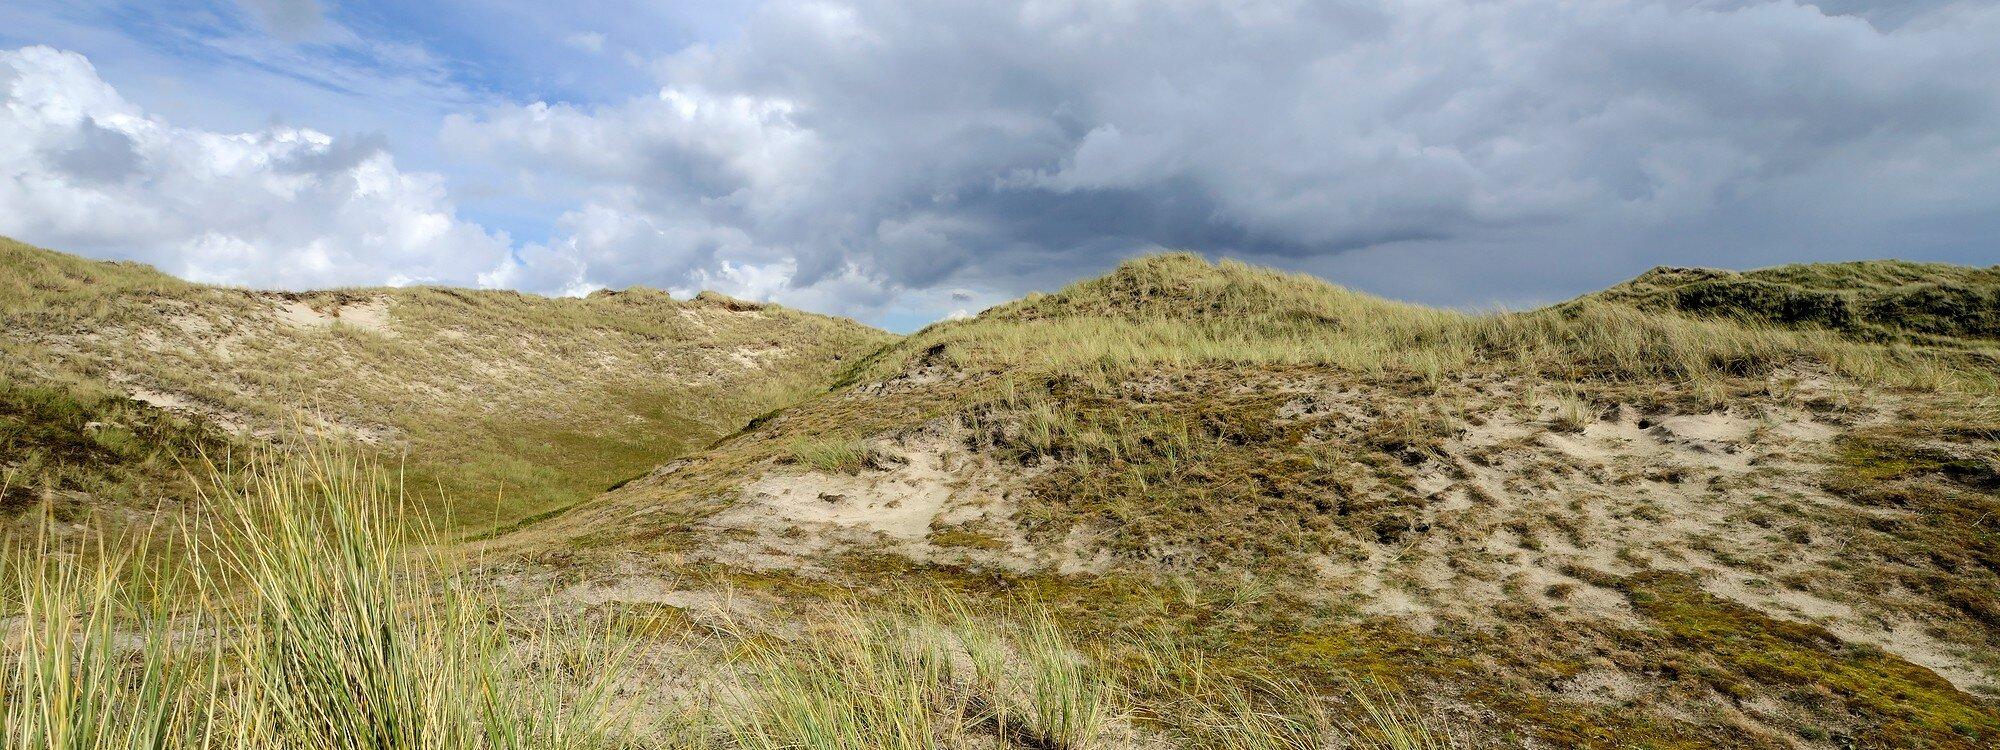 Rondje Botgat, Noordduinen en Zandpolder